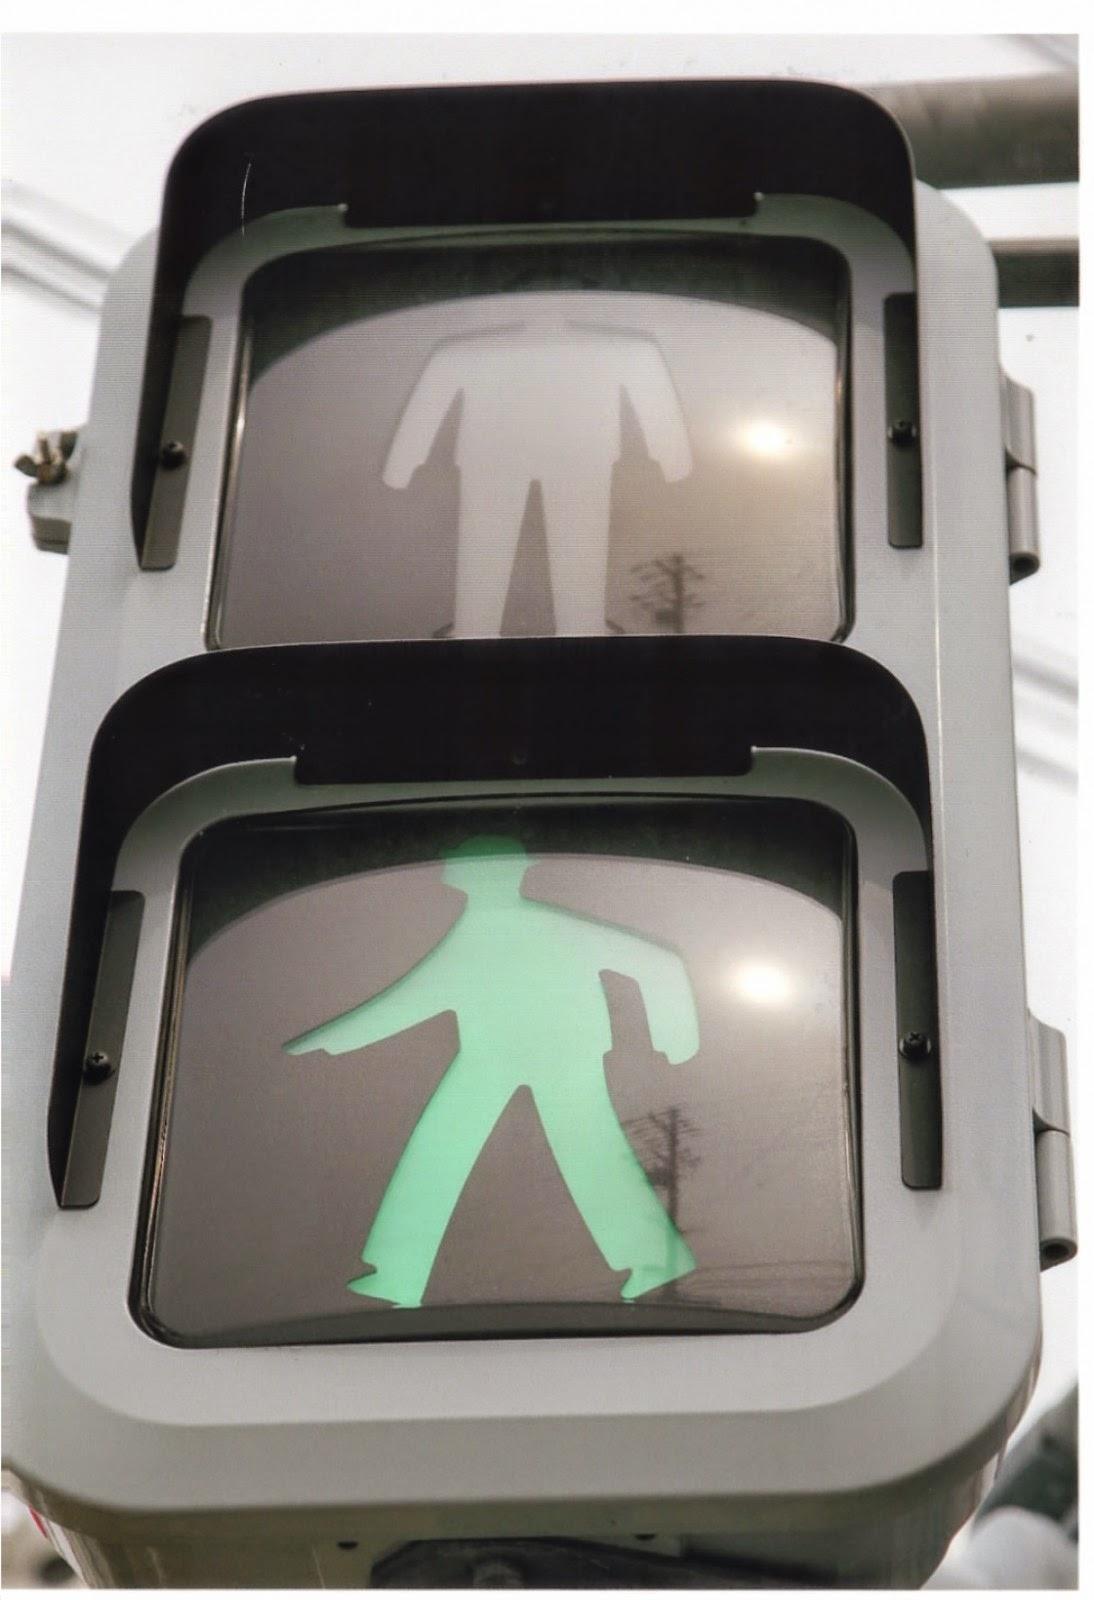 歩行者信号の画像